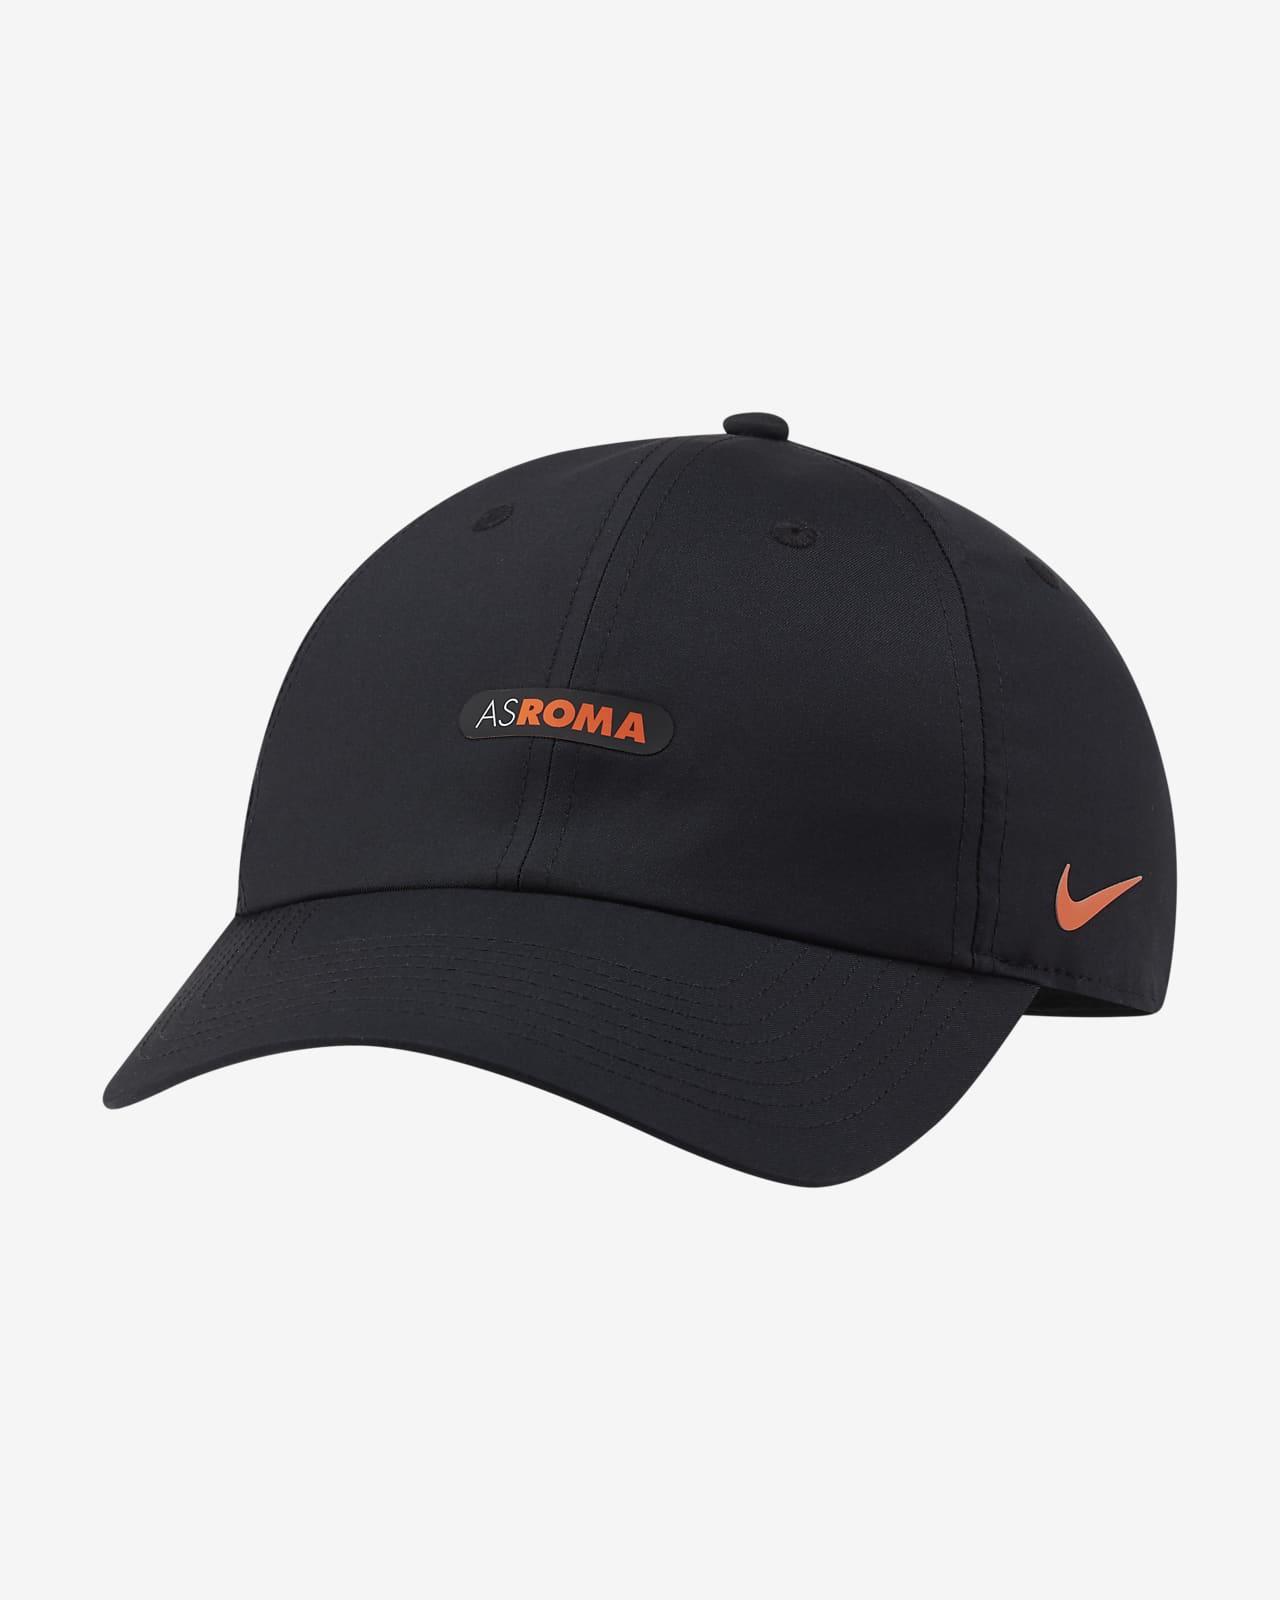 Nike Dri-FIT AS Roma Heritage86 Adjustable Hat